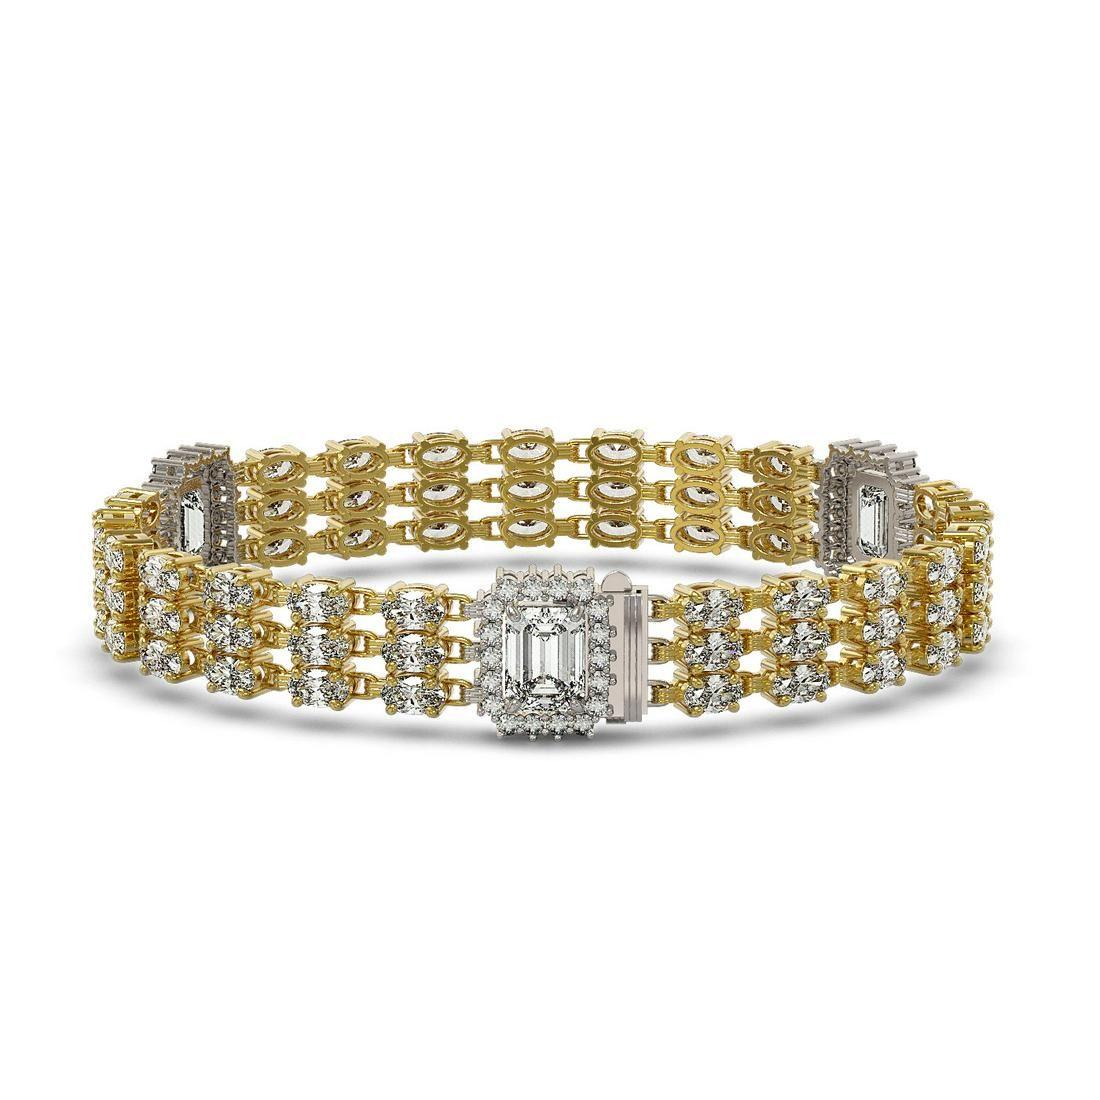 18.96 ctw Emerald Cut & Oval Diamond Bracelet 18K